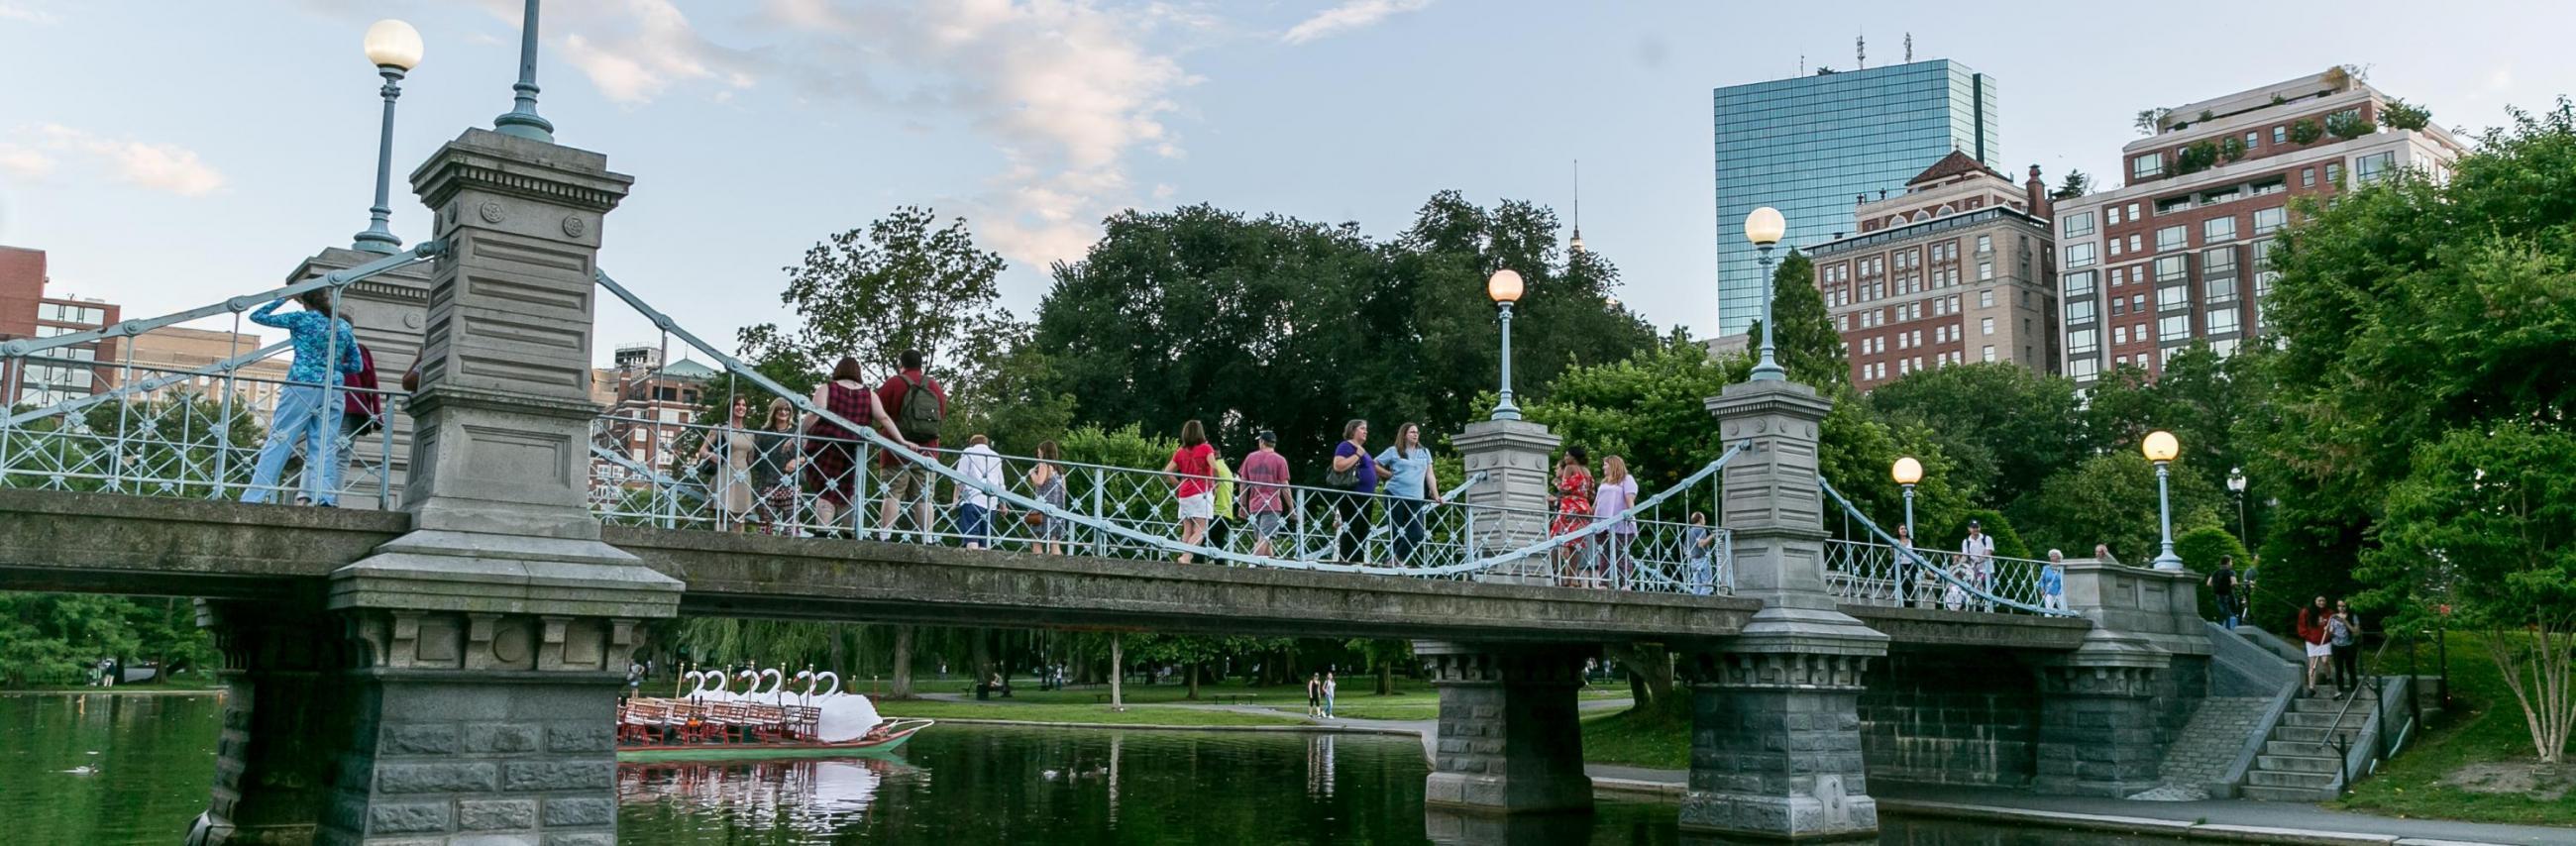 public garden suspension bridge